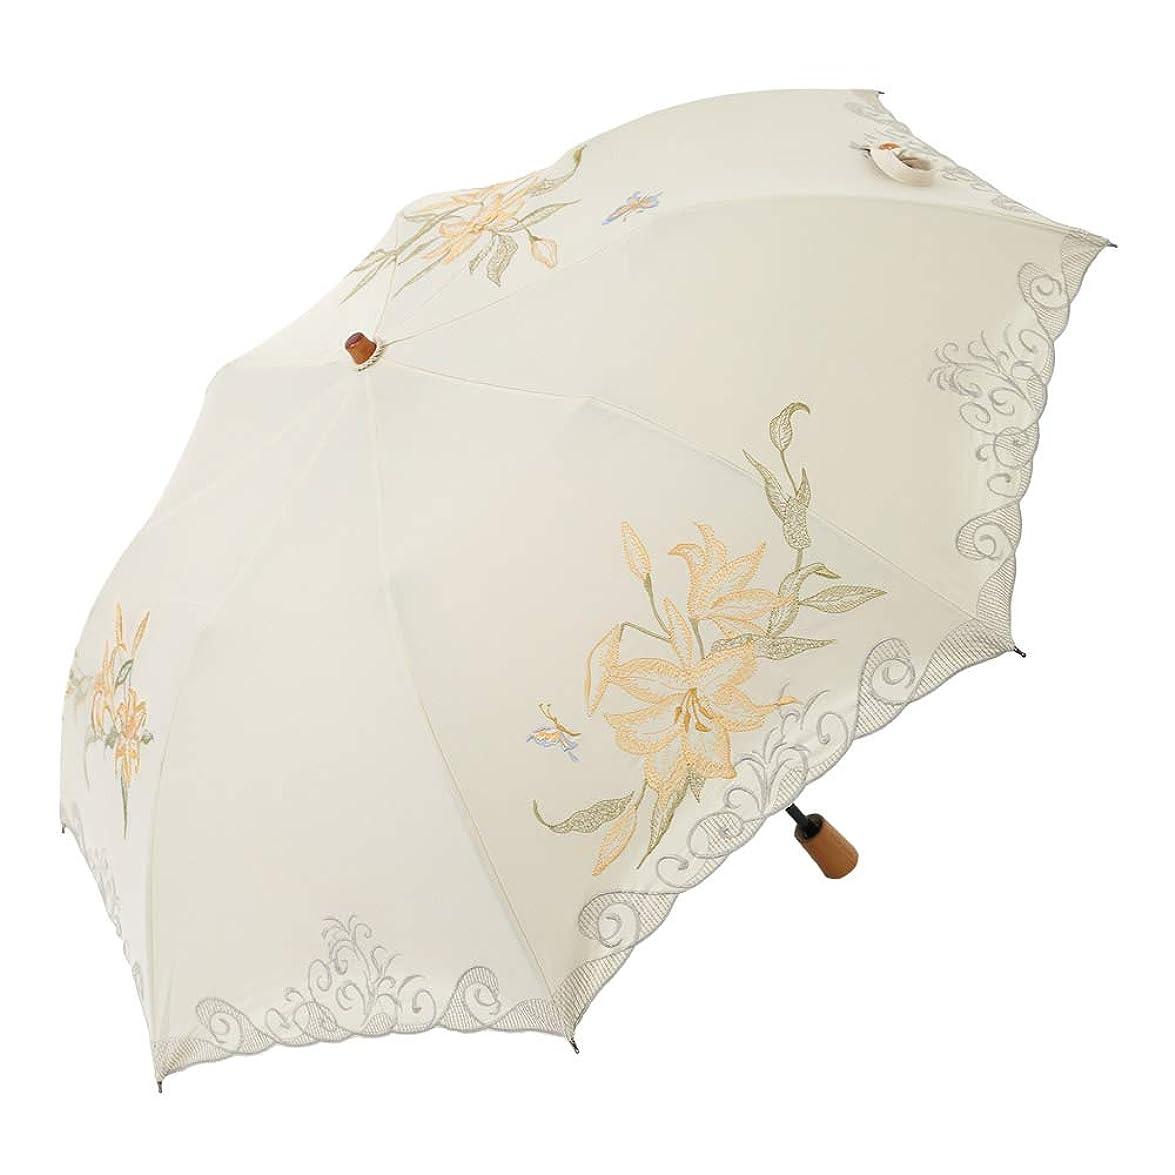 気性葉っぱ強制的日傘 女優日傘 百合刺繍 ショート 折りたたみ 日傘 完全遮光 遮熱 UVカット かわず張り 涼しい 晴雨兼用傘 特殊2重張り 百合 刺繍